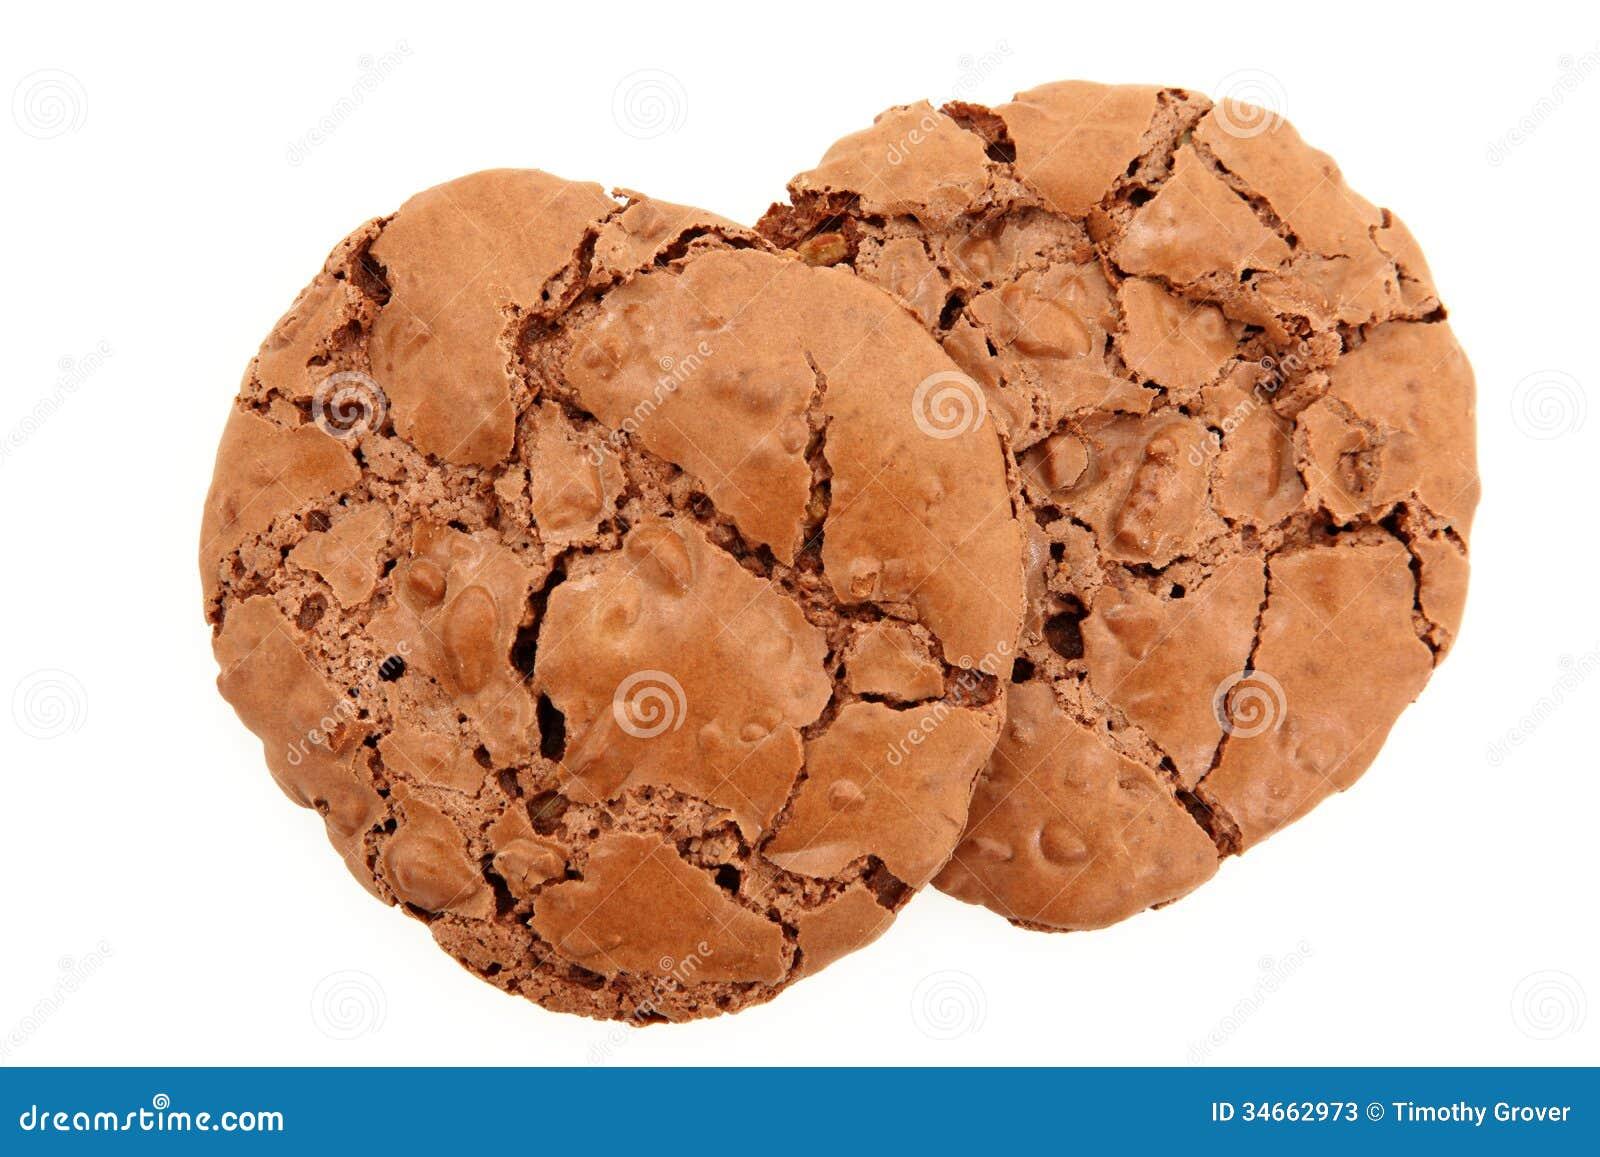 De dessus vue vers le bas d une paire de biscuits caoutchouteux de chocolat